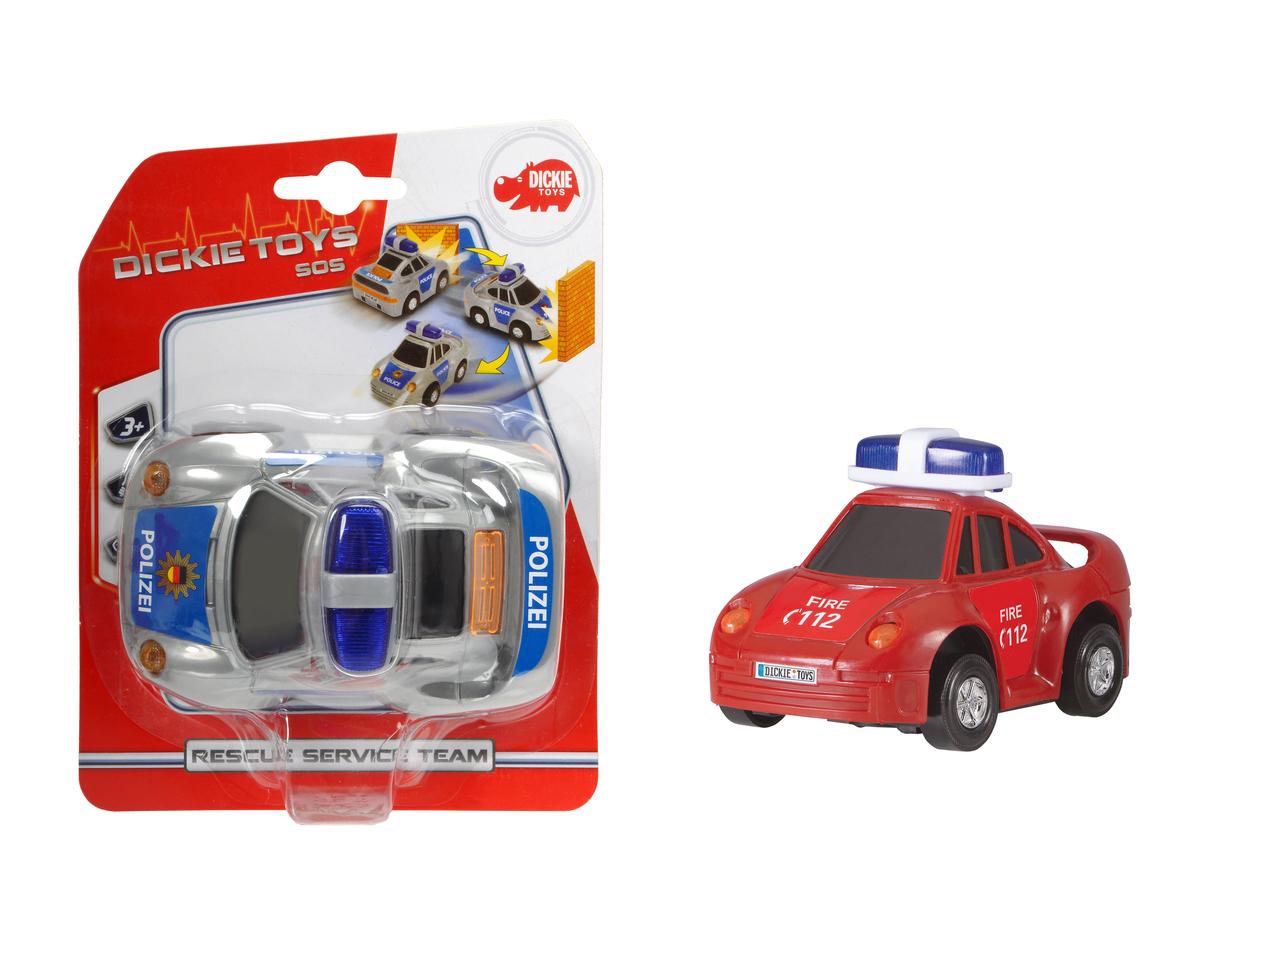 Feuerwehr- und Polizeiauto 2fs